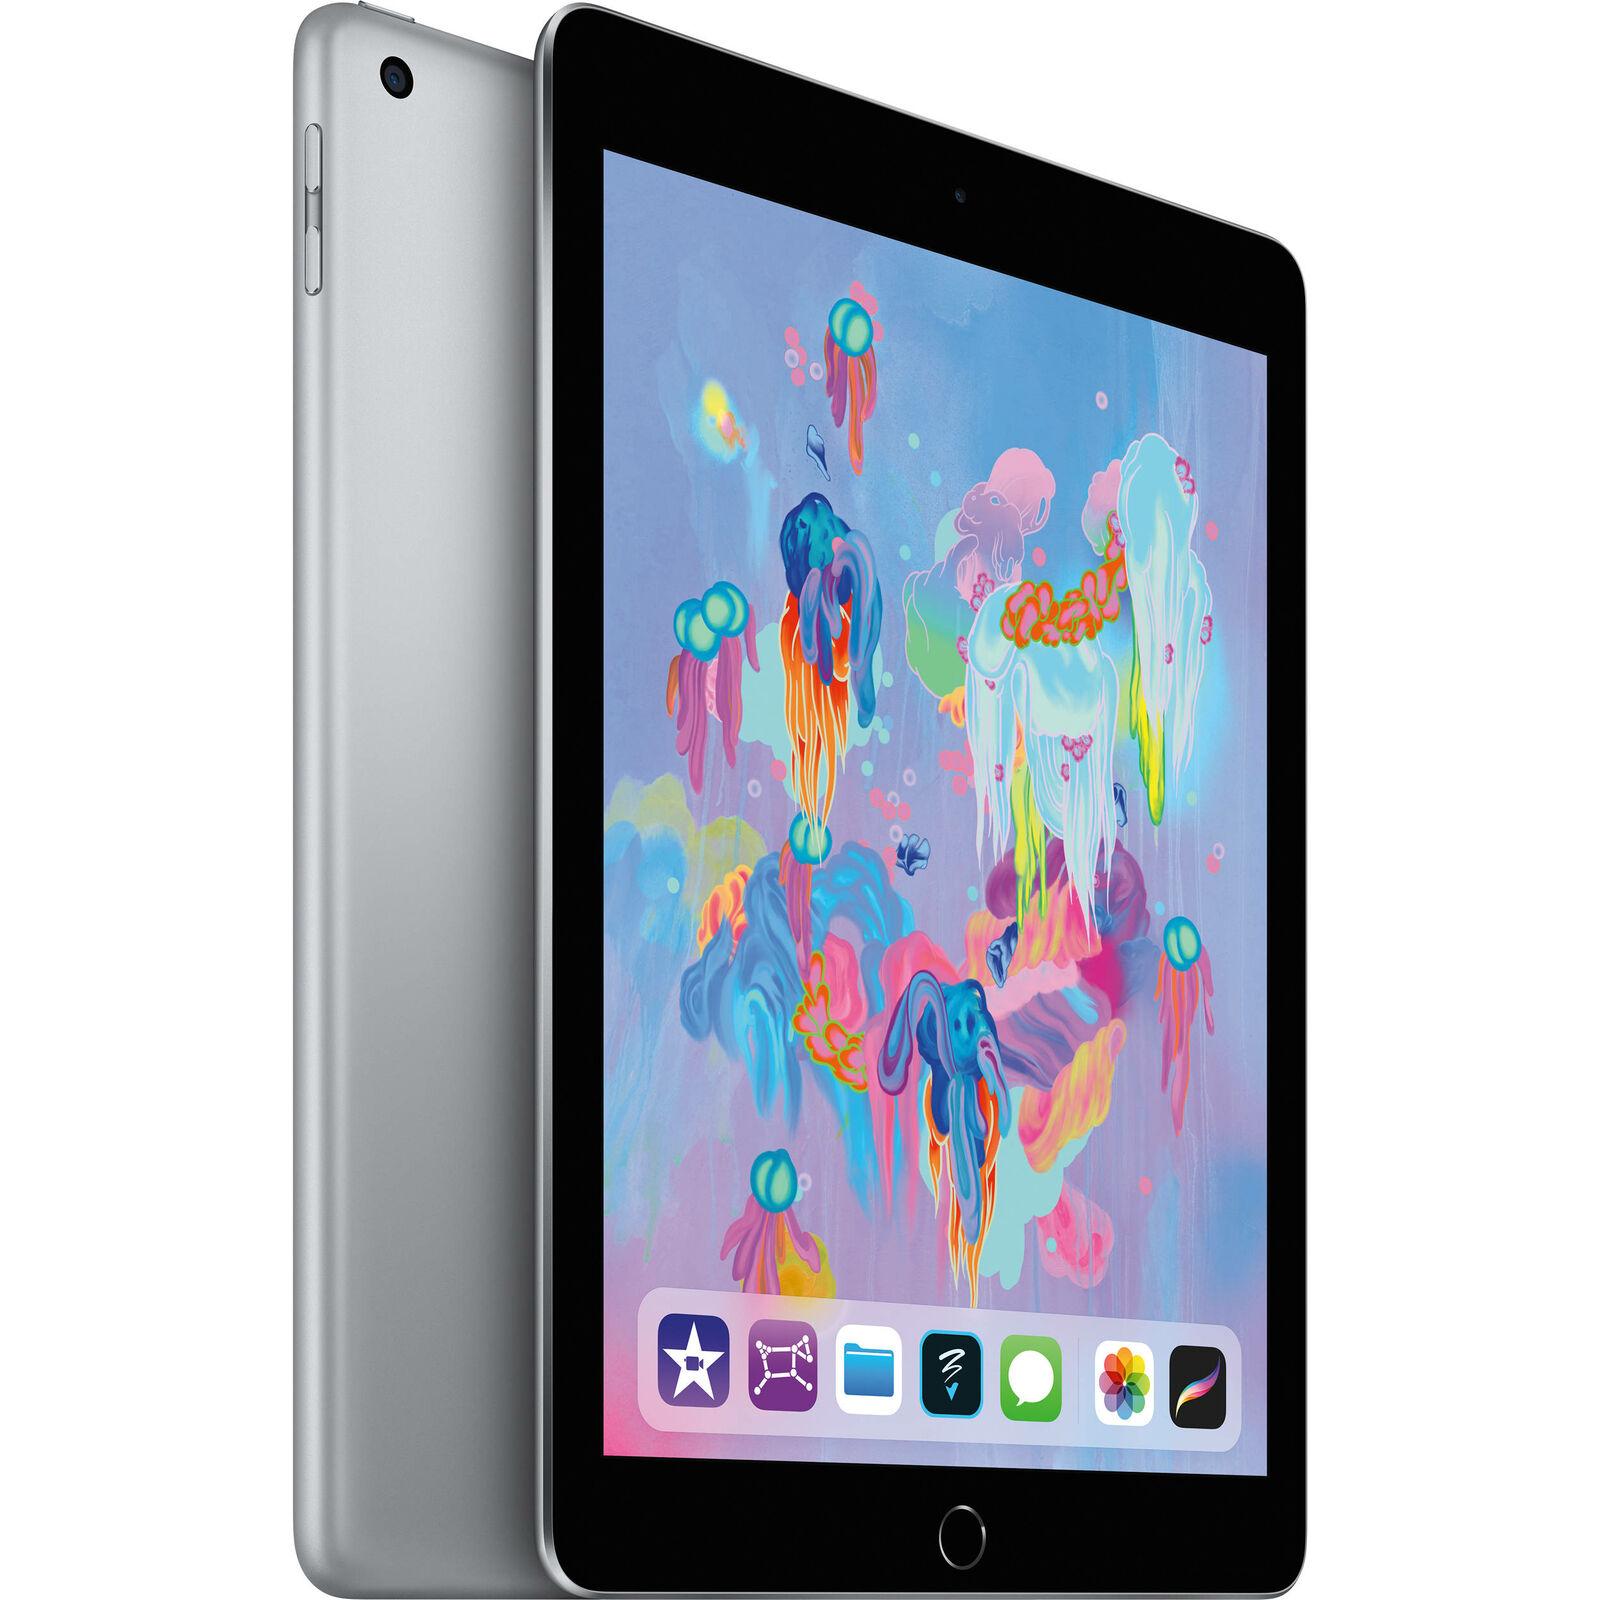 Apple iPad (2018) de 9,7 pulgadas con 32 GB de almacenamiento interno